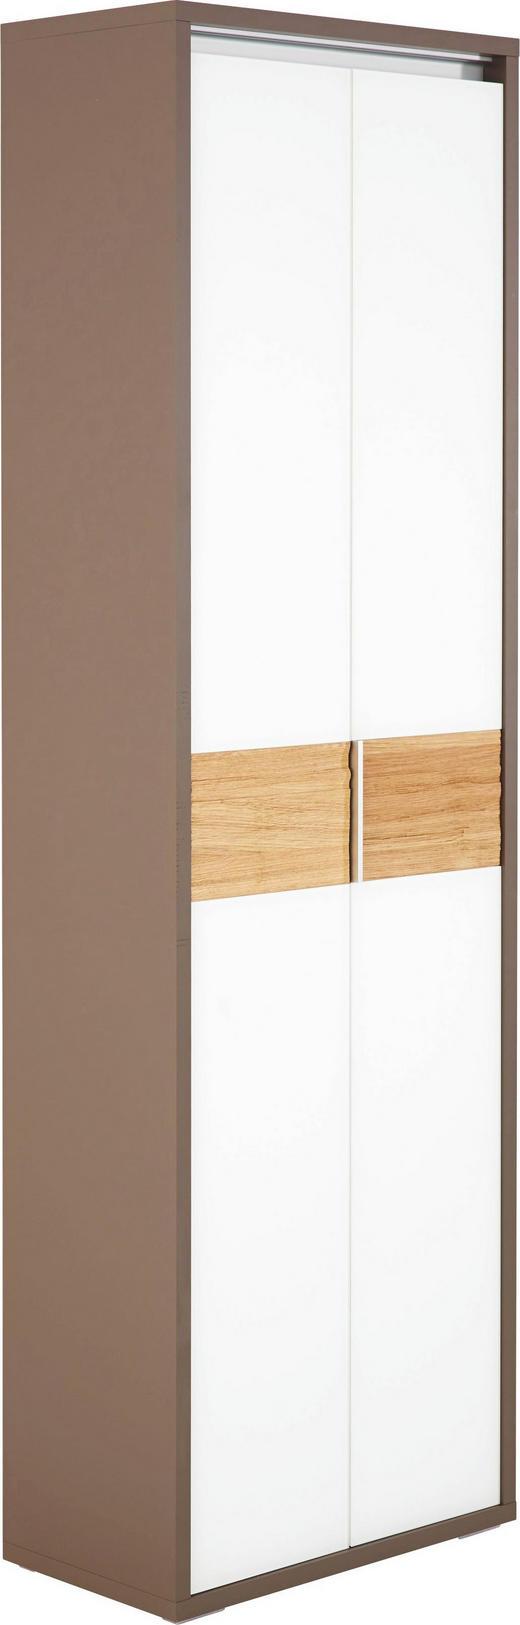 GARDEROBENSCHRANK Eiche lackiert Braun, Eichefarben, Weiß - Eichefarben/Braun, Design, Glas/Holz (62/202,5/35cm) - CASSANDO